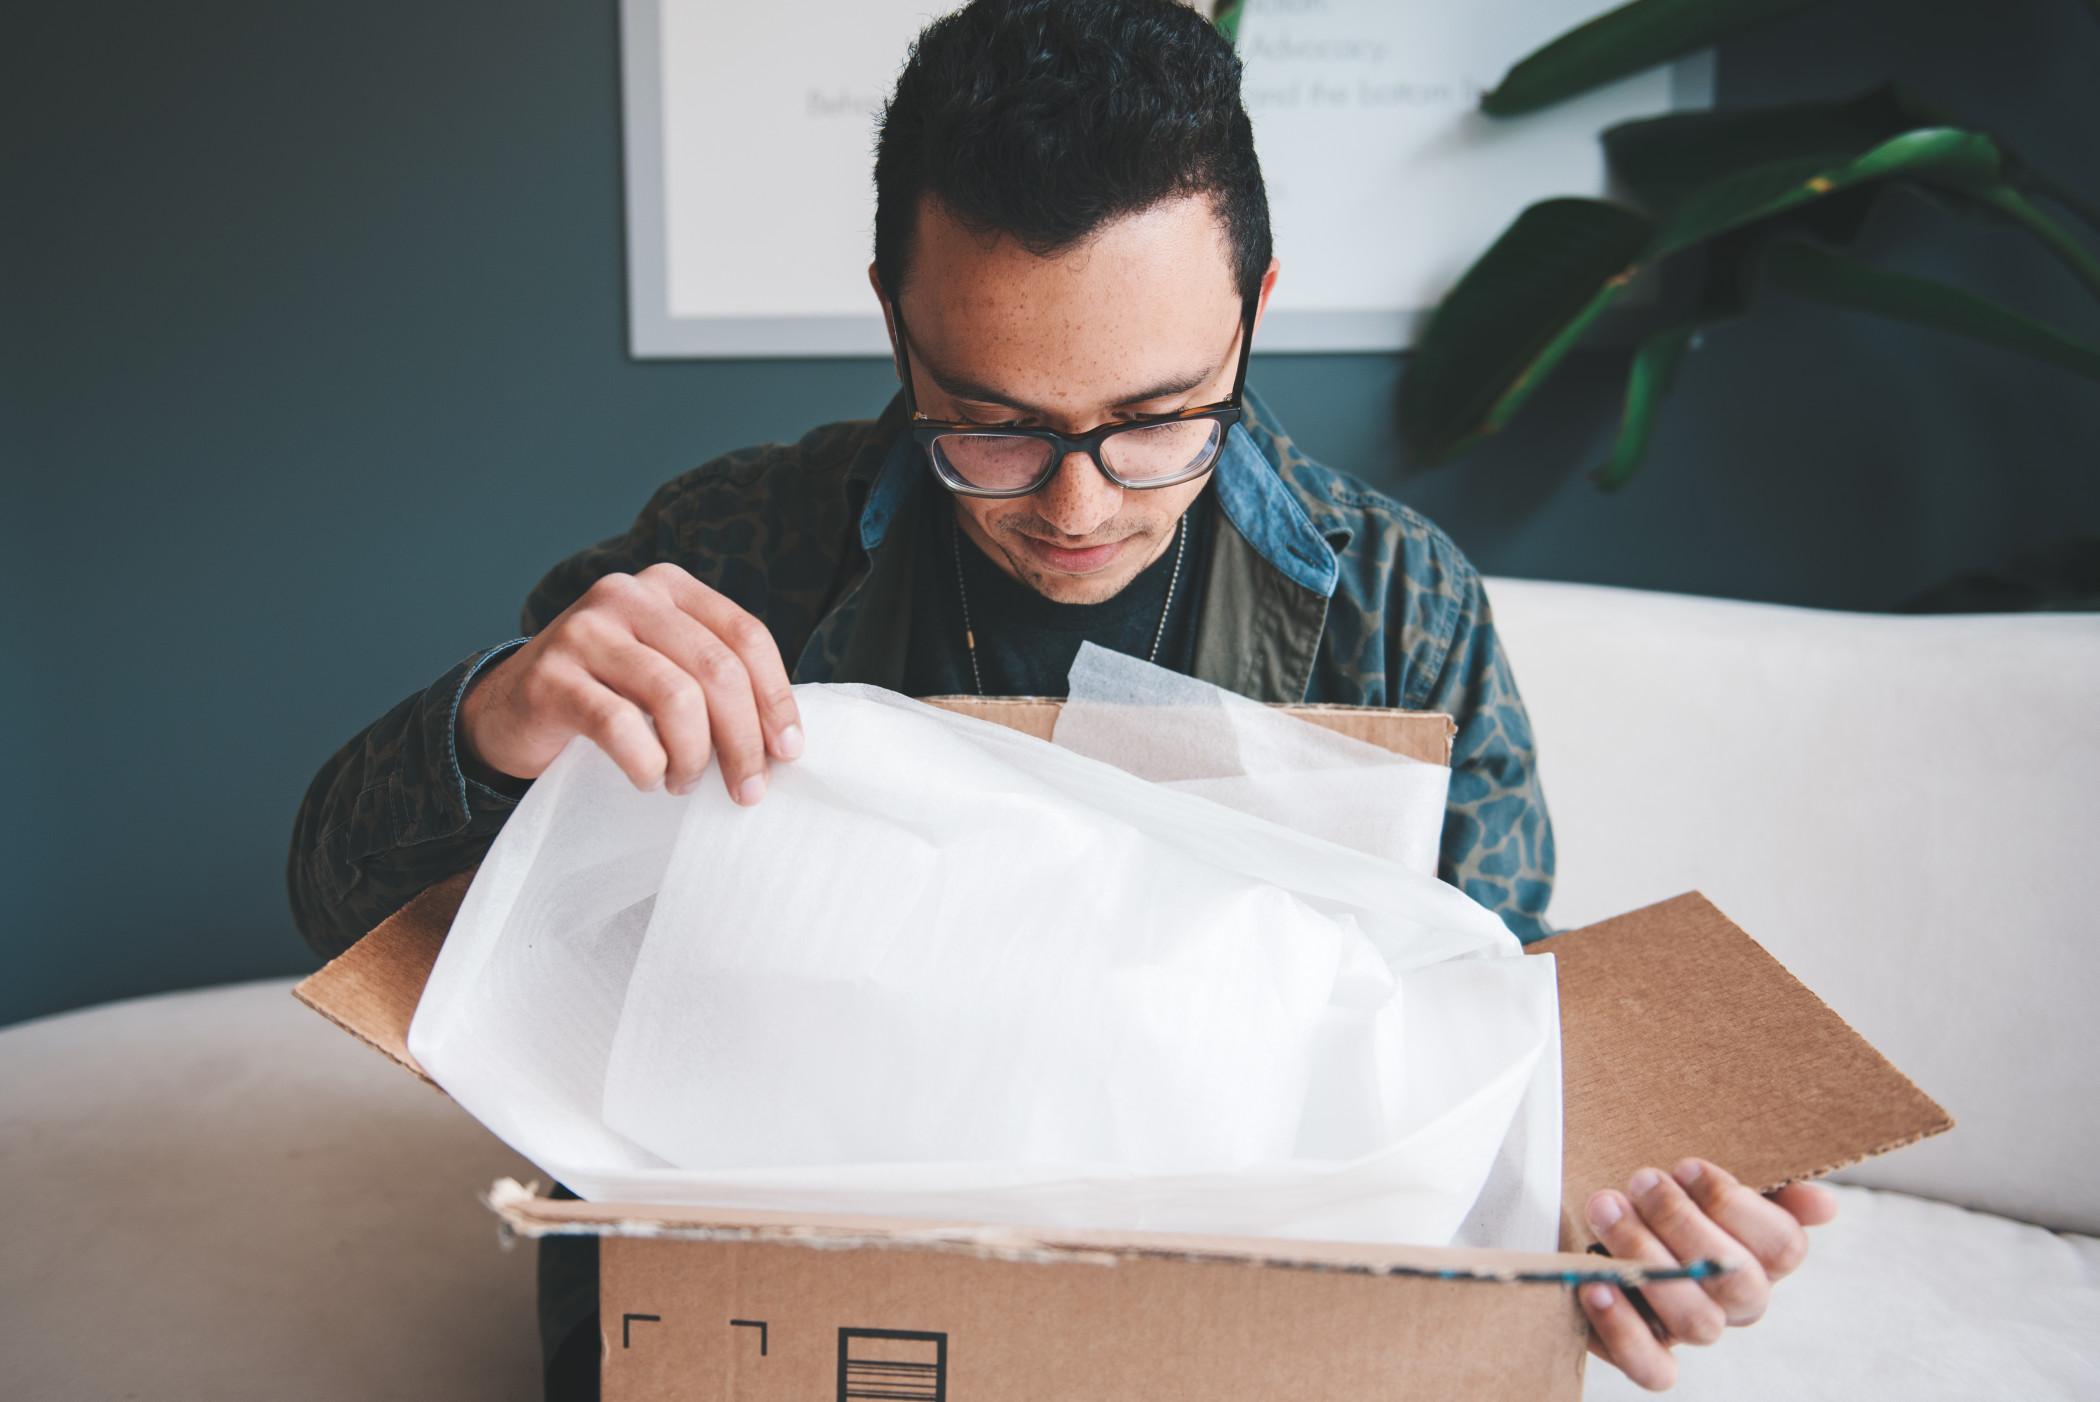 guy-opening-gift-package_t20_lWJEeB